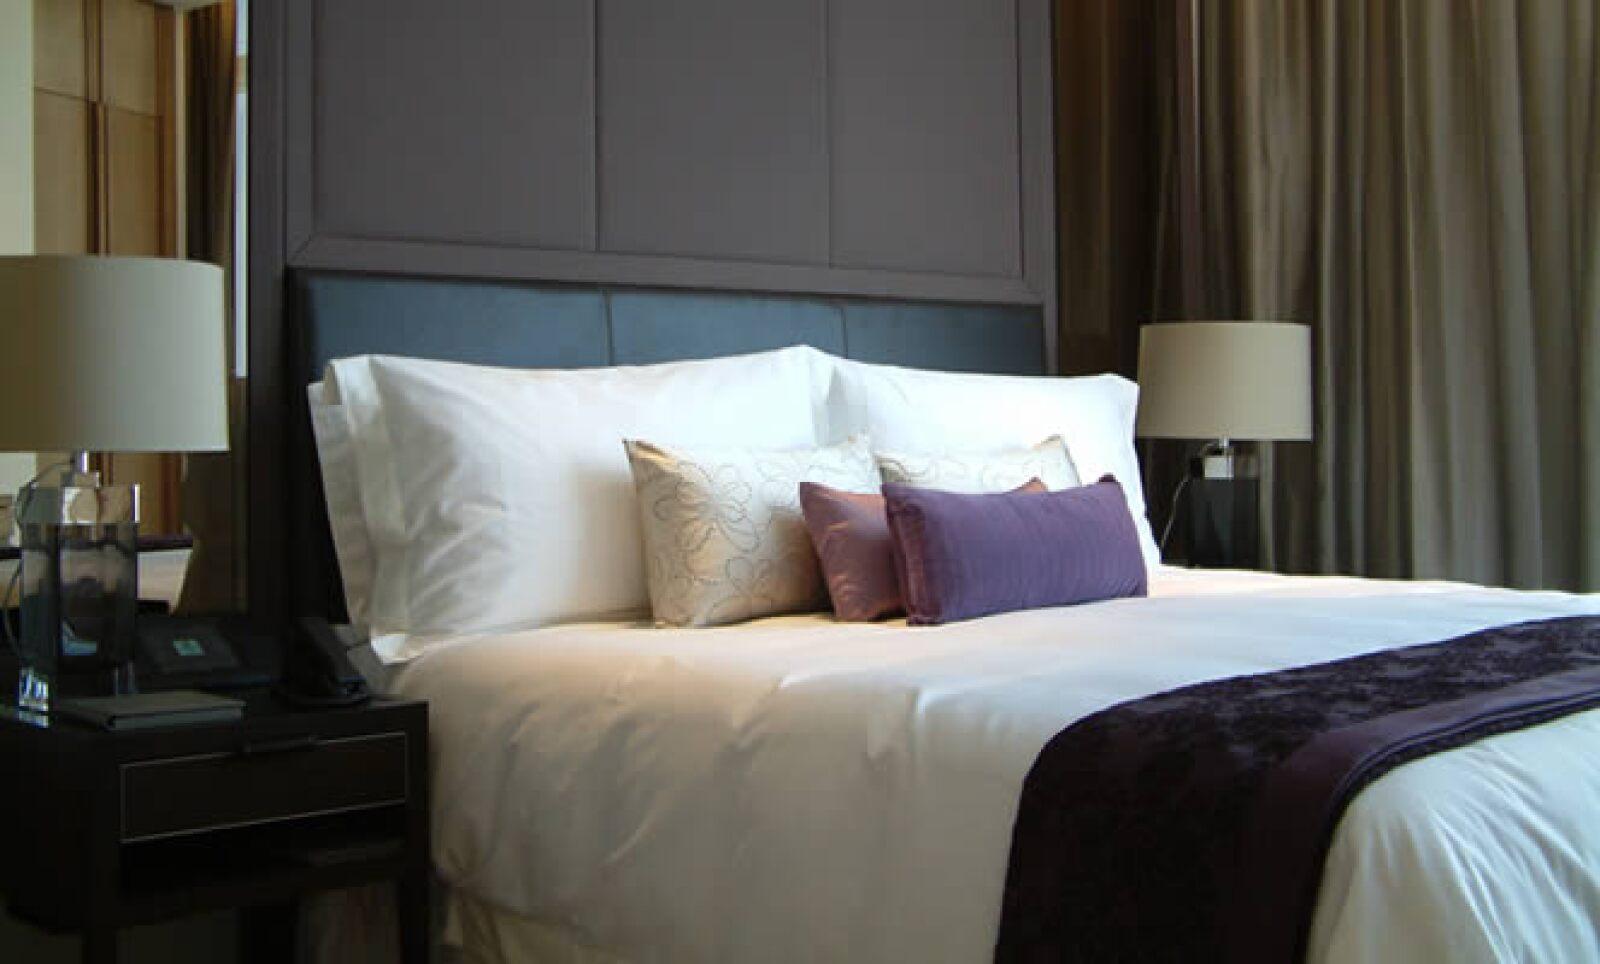 Una habitación estándar, de 55 mts2, cuesta alrededor de 400 dólares por noche entre semana y 265 dólares en fin de semana.